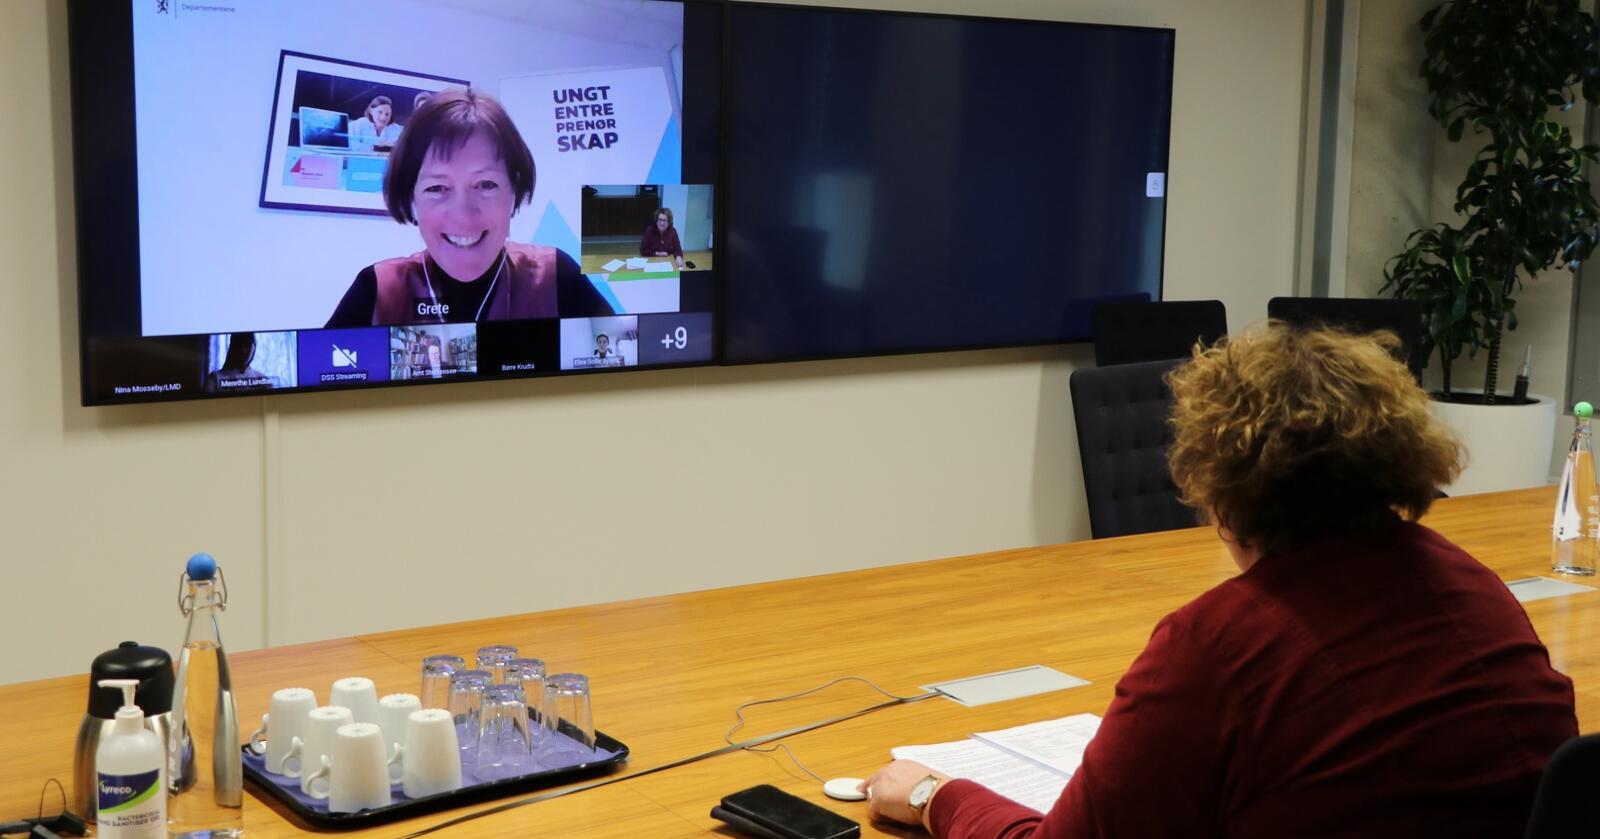 Utvalgsleder Grete Nykkelmo (på skjermen) og landbruks- og matminister Olaug Bollestad under den digitale fremleggelsen av rapporten. Foto: Landbruks- og matdepartementet